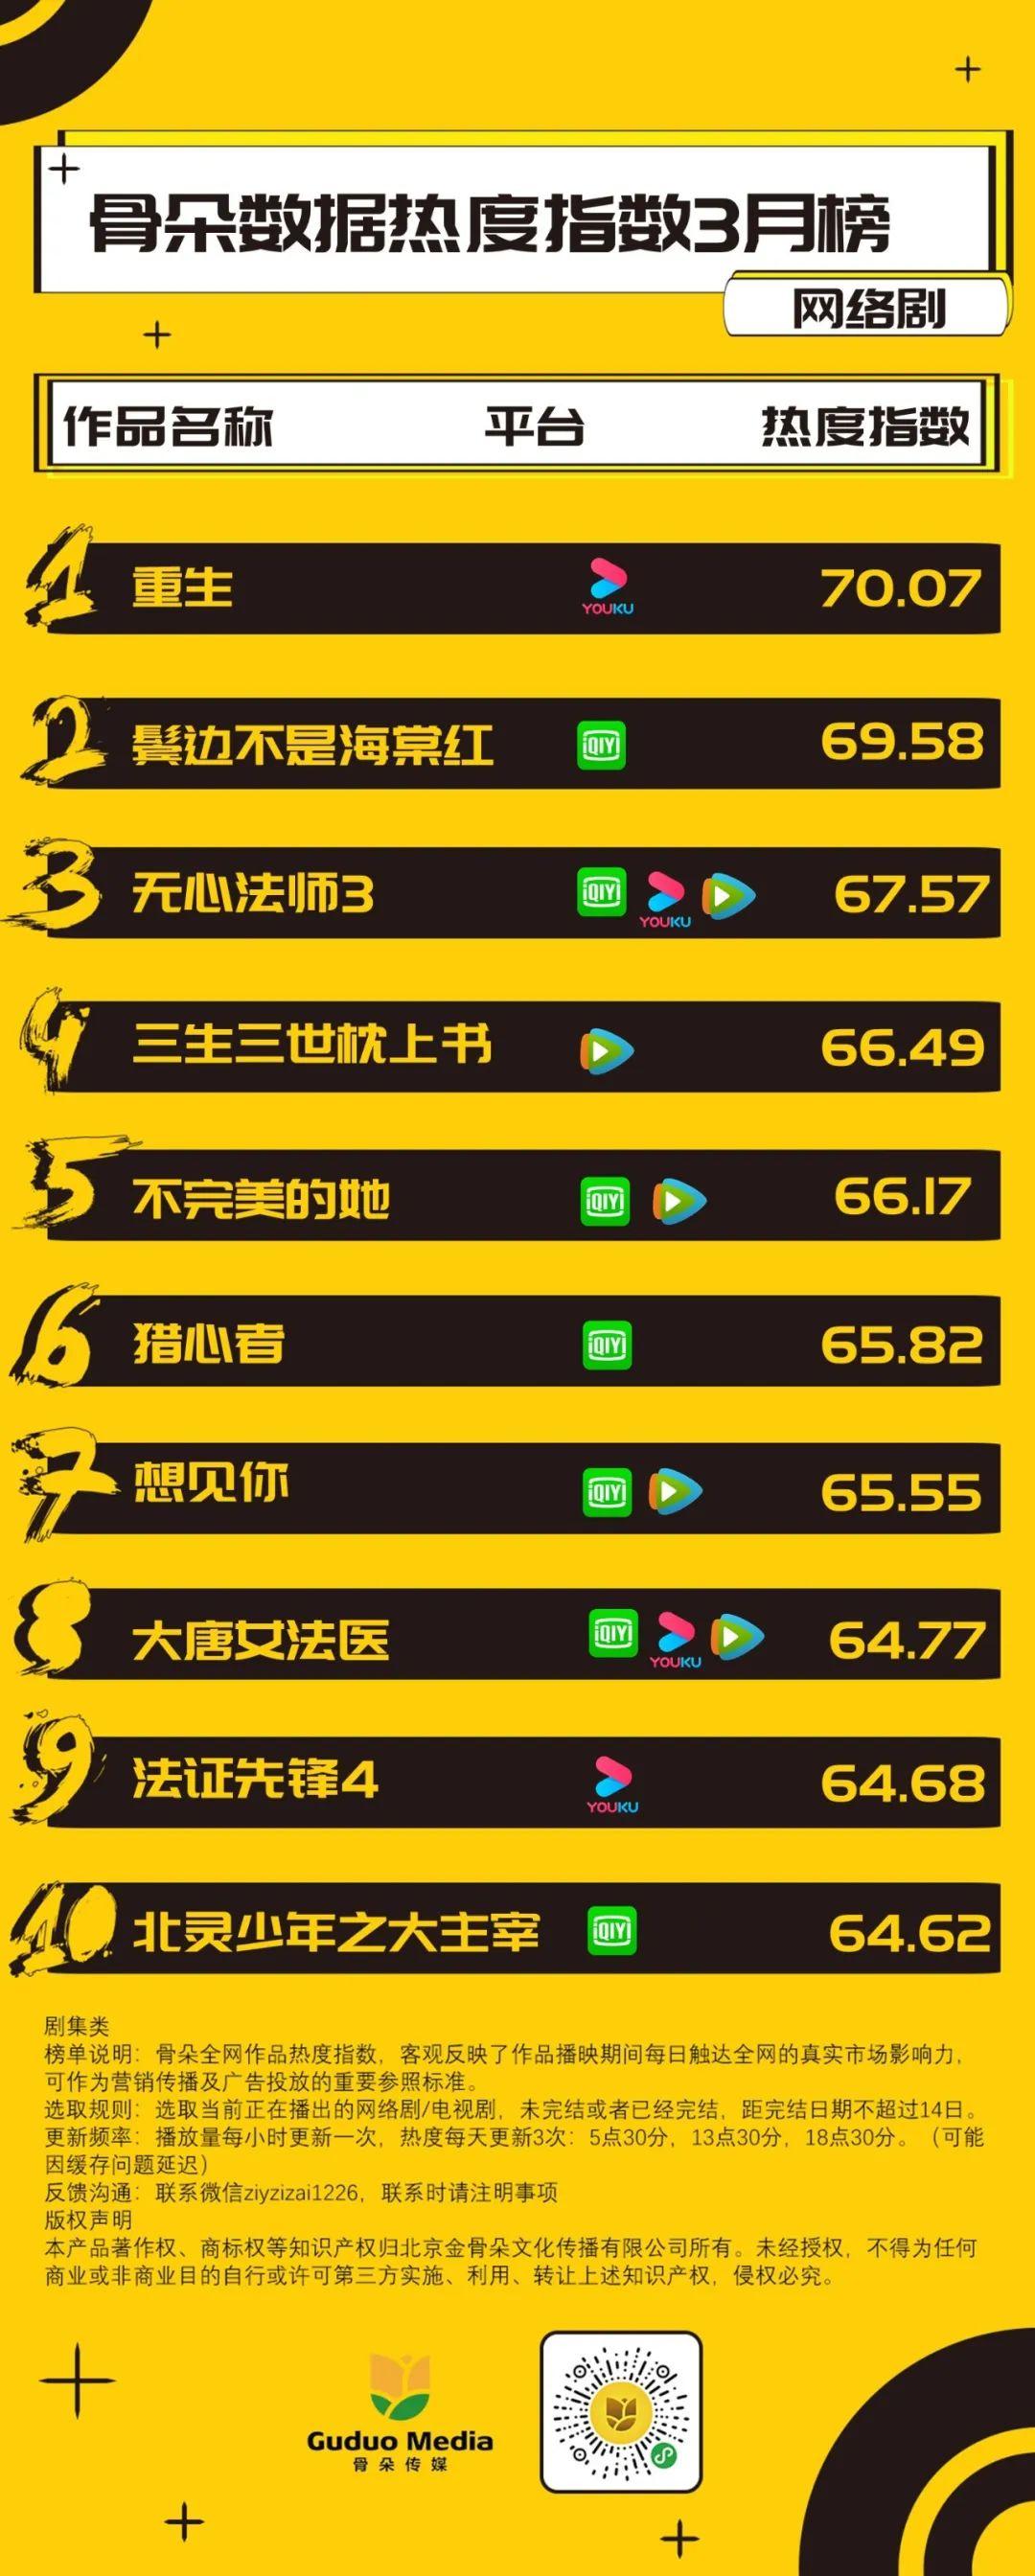 3月网剧月榜丨《重生》斩获榜首,《鬓边不是海棠红》上升迅速